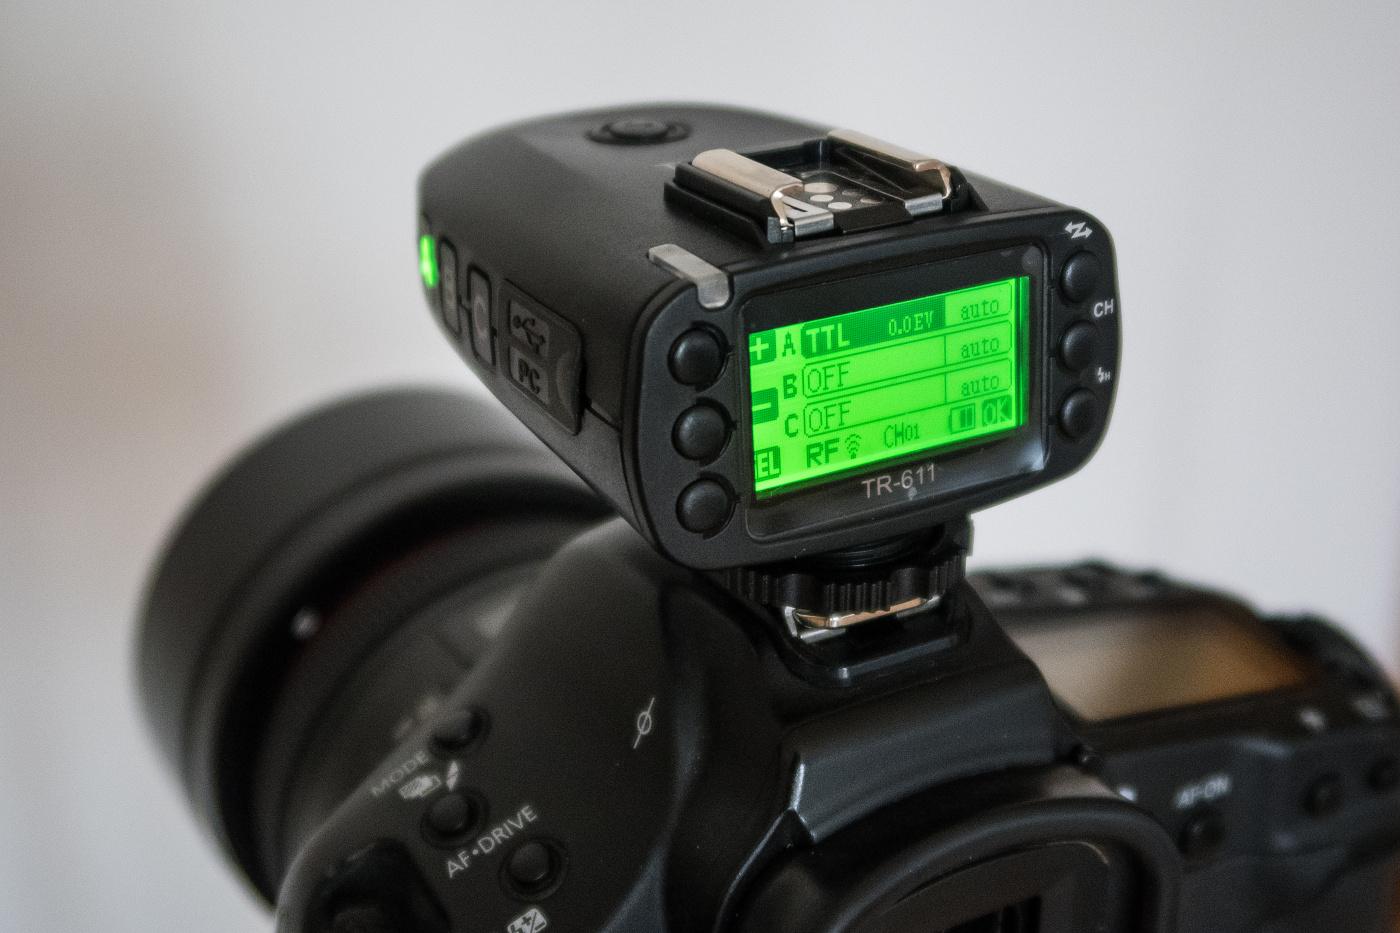 Odpalovač nasazený v sáňkách fotoaparátu